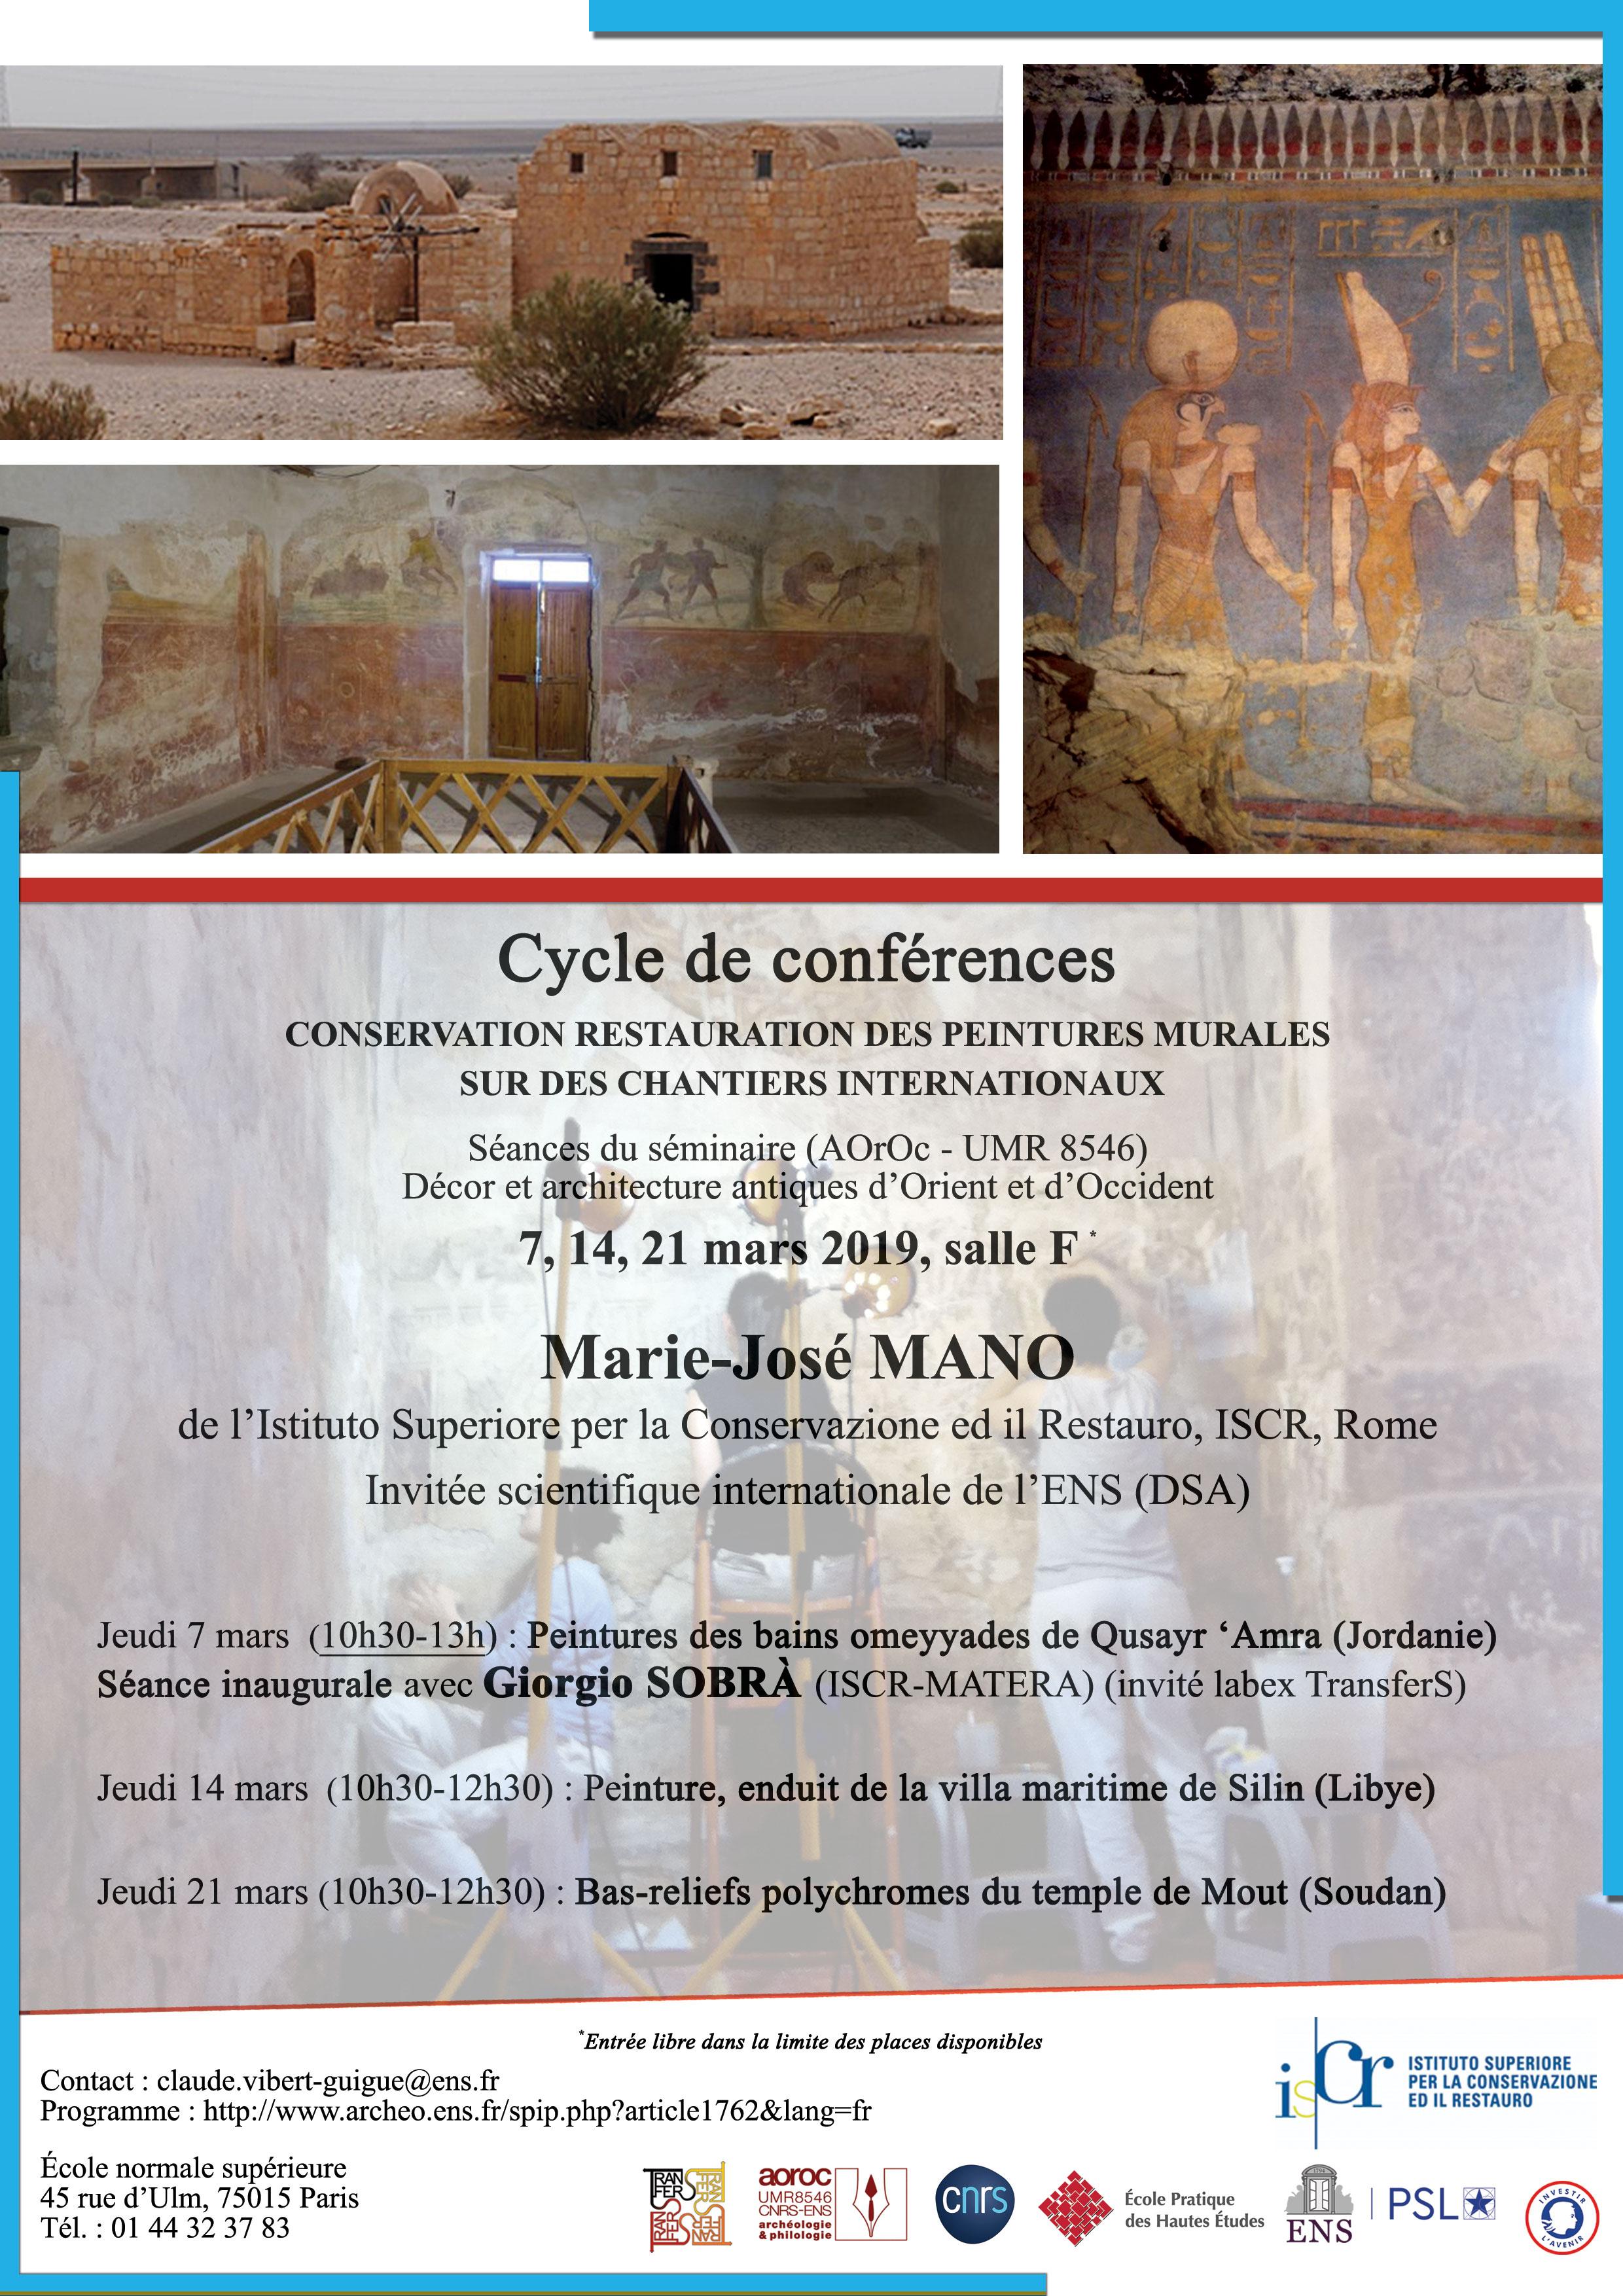 Conservation Restauration Des Peintures Murales Sur Des